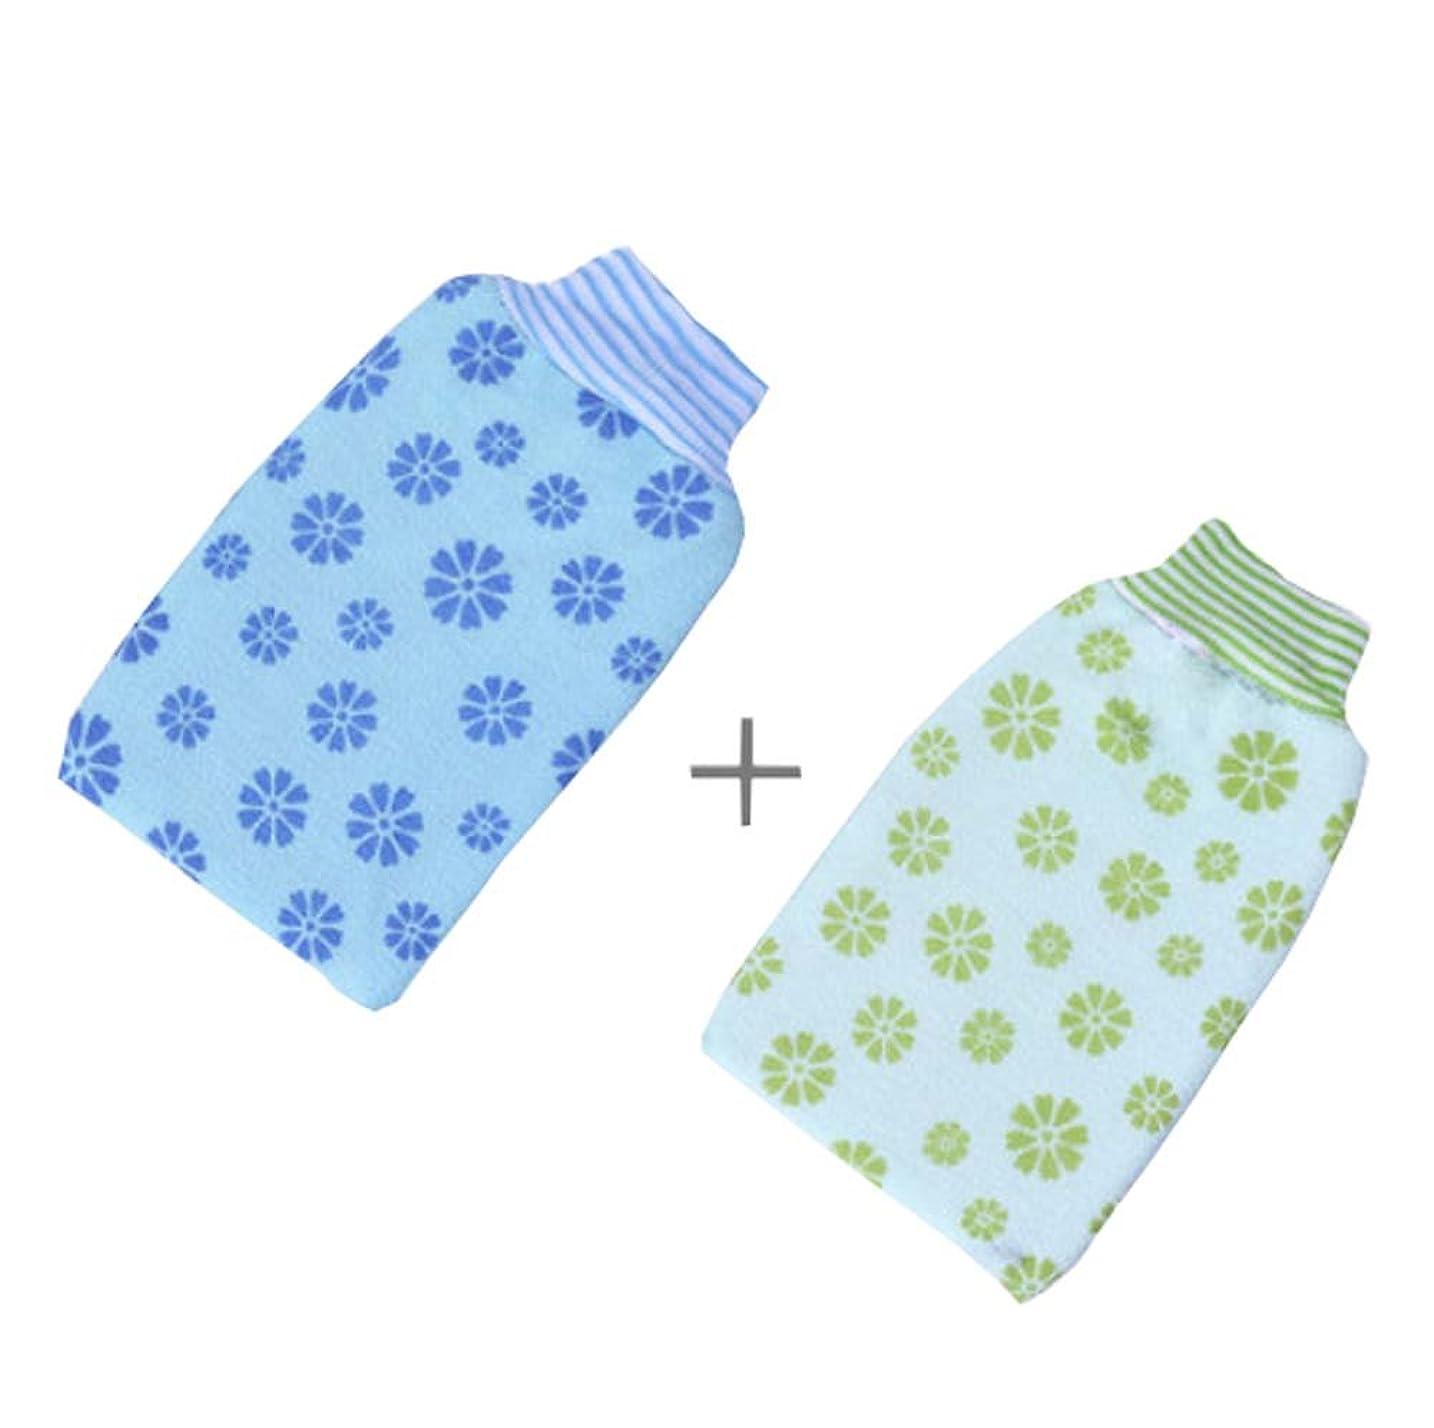 胚難民ペナルティバスタオル大人用厚めの両面擦り手袋、印刷